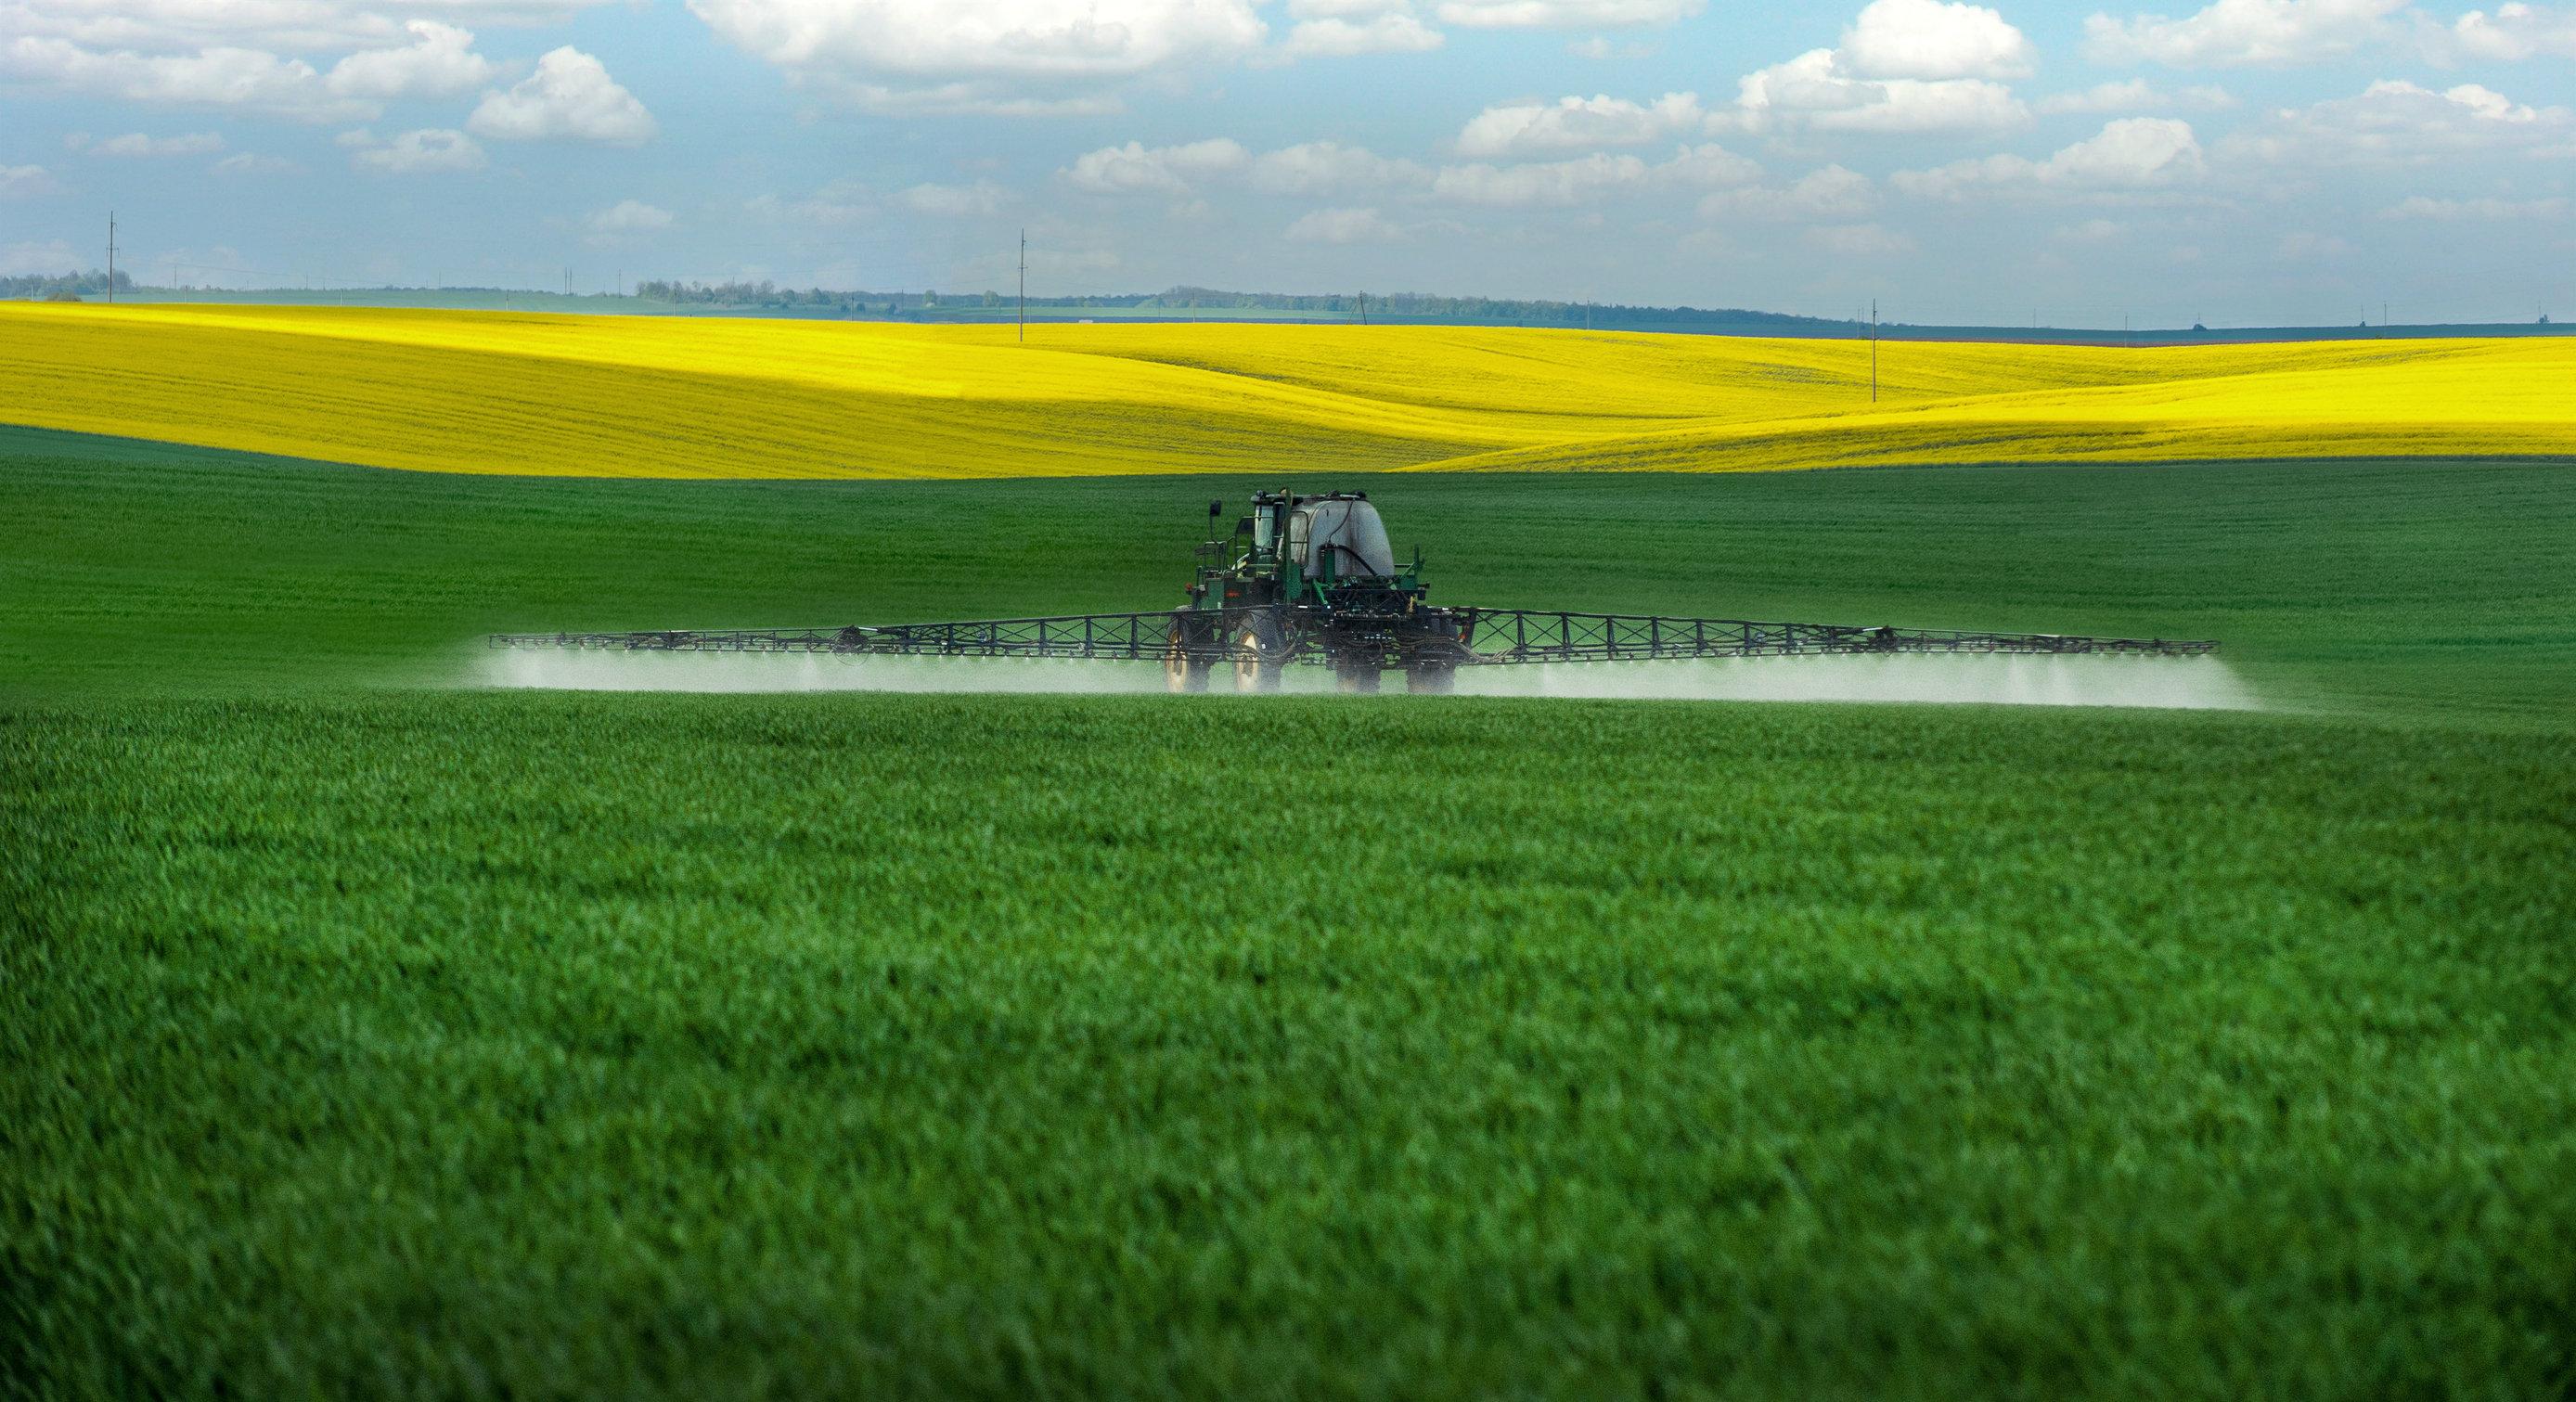 農作物のなかでも最も水源を汚染しやすいのが綿花栽培